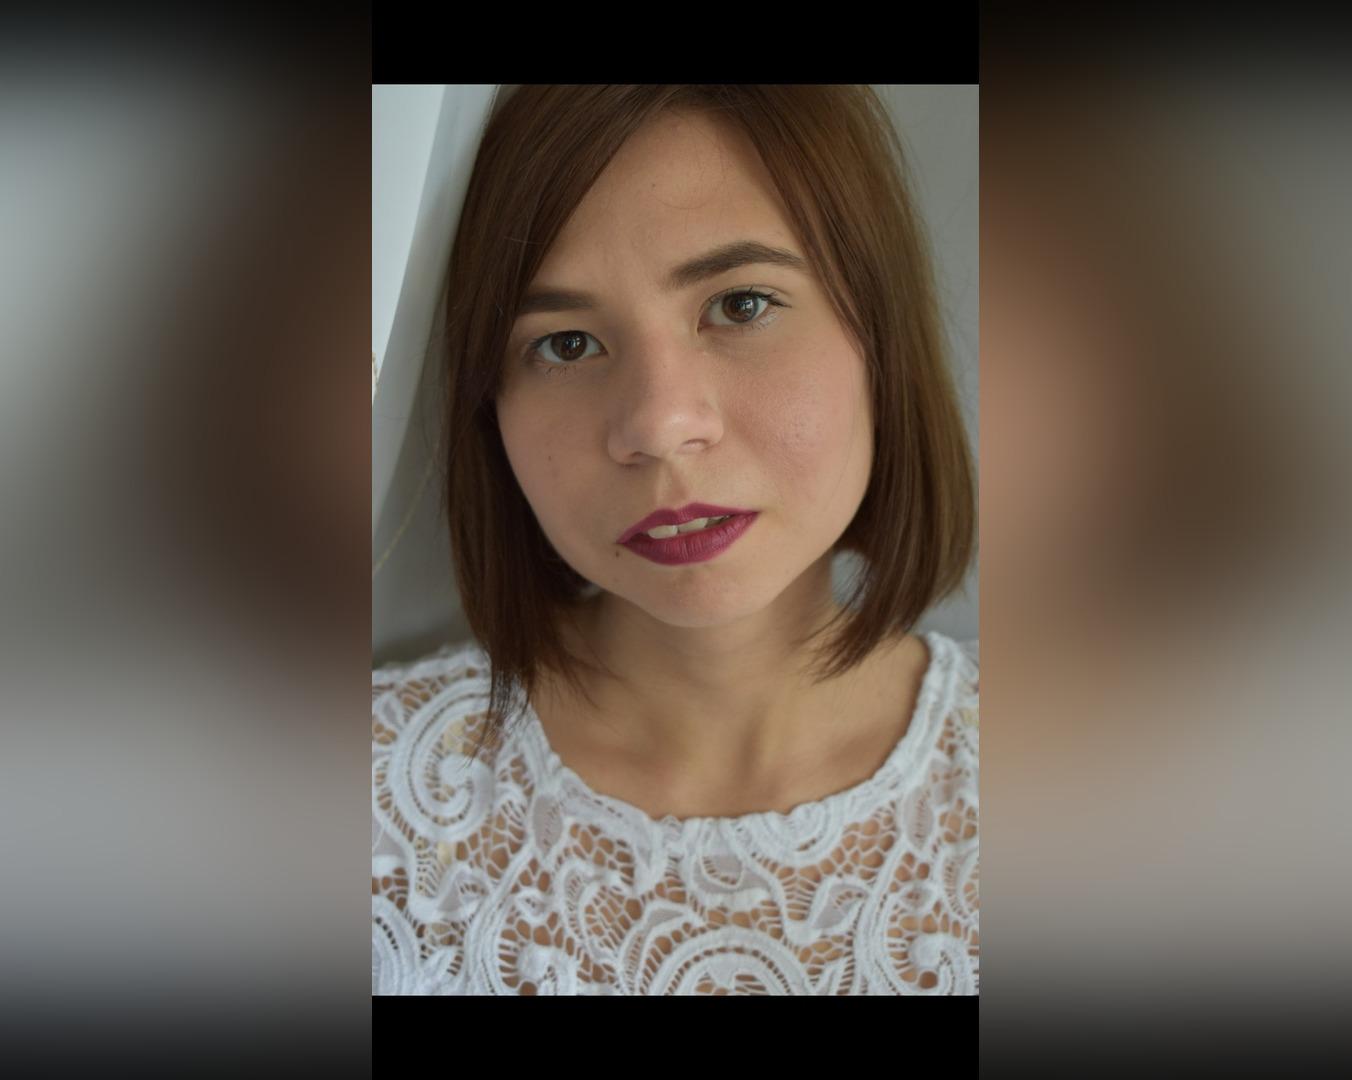 В Уфе полиция забрала на экспертизу телефон пропавшей две недели назад девушки